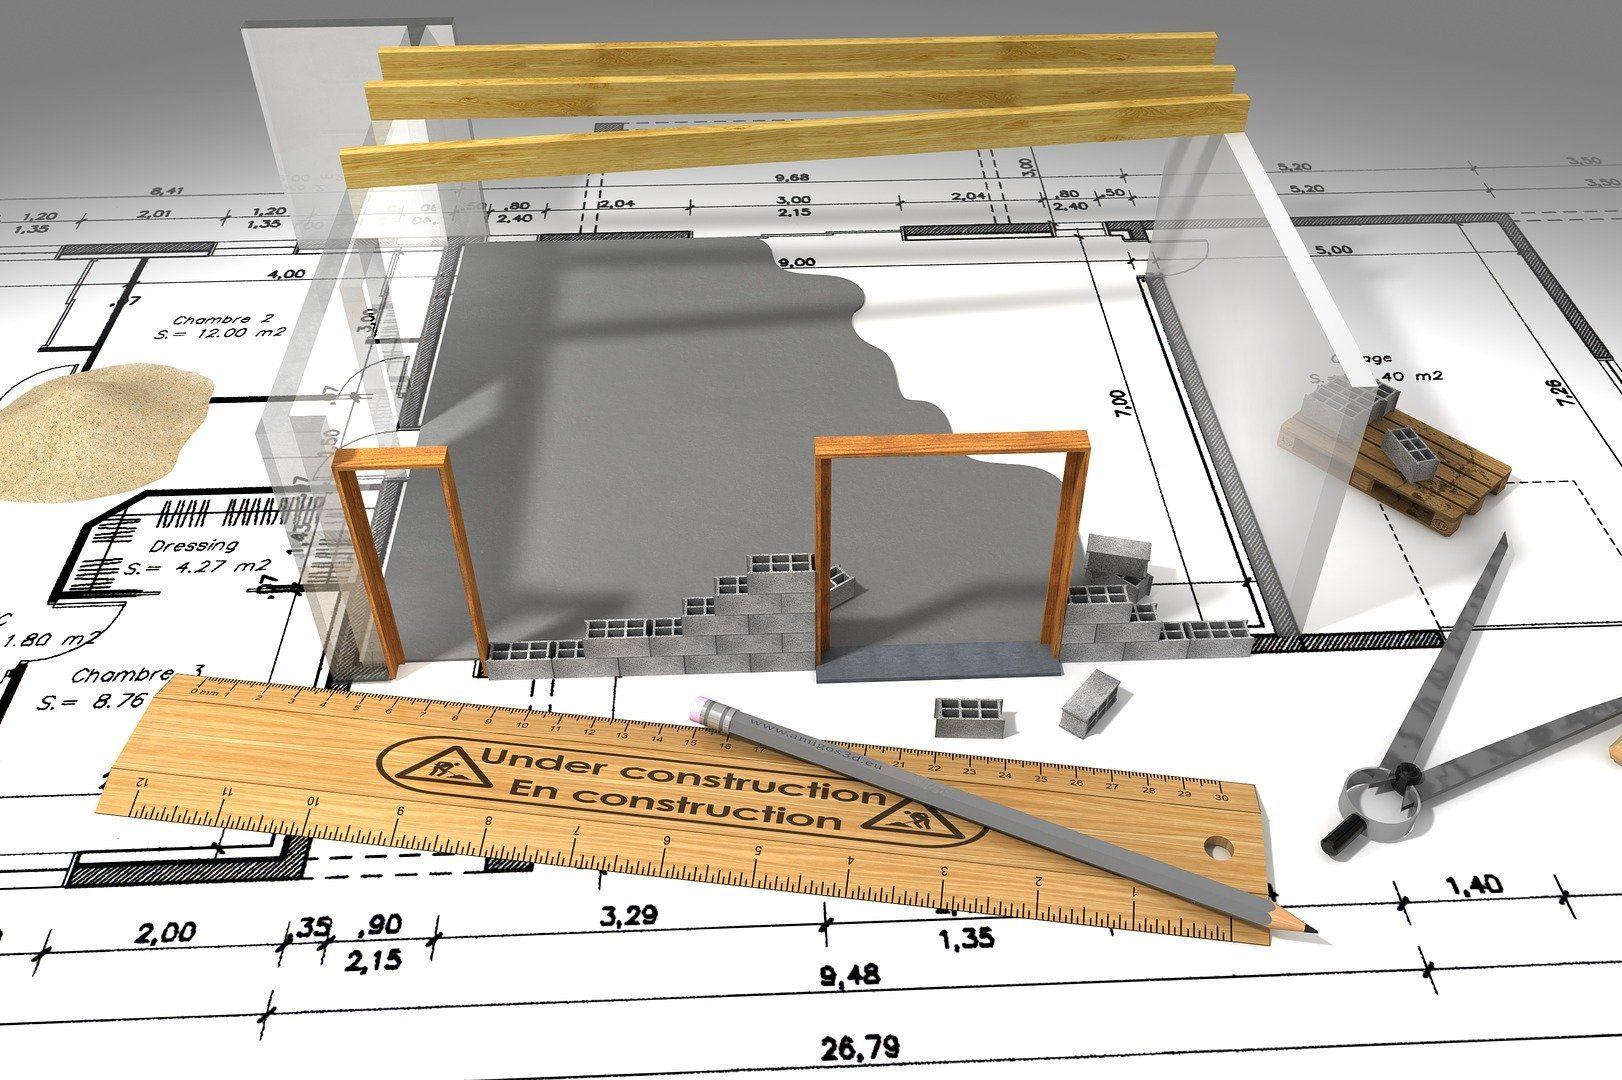 良い建築デザインとは何か?その要素と実例を解説!